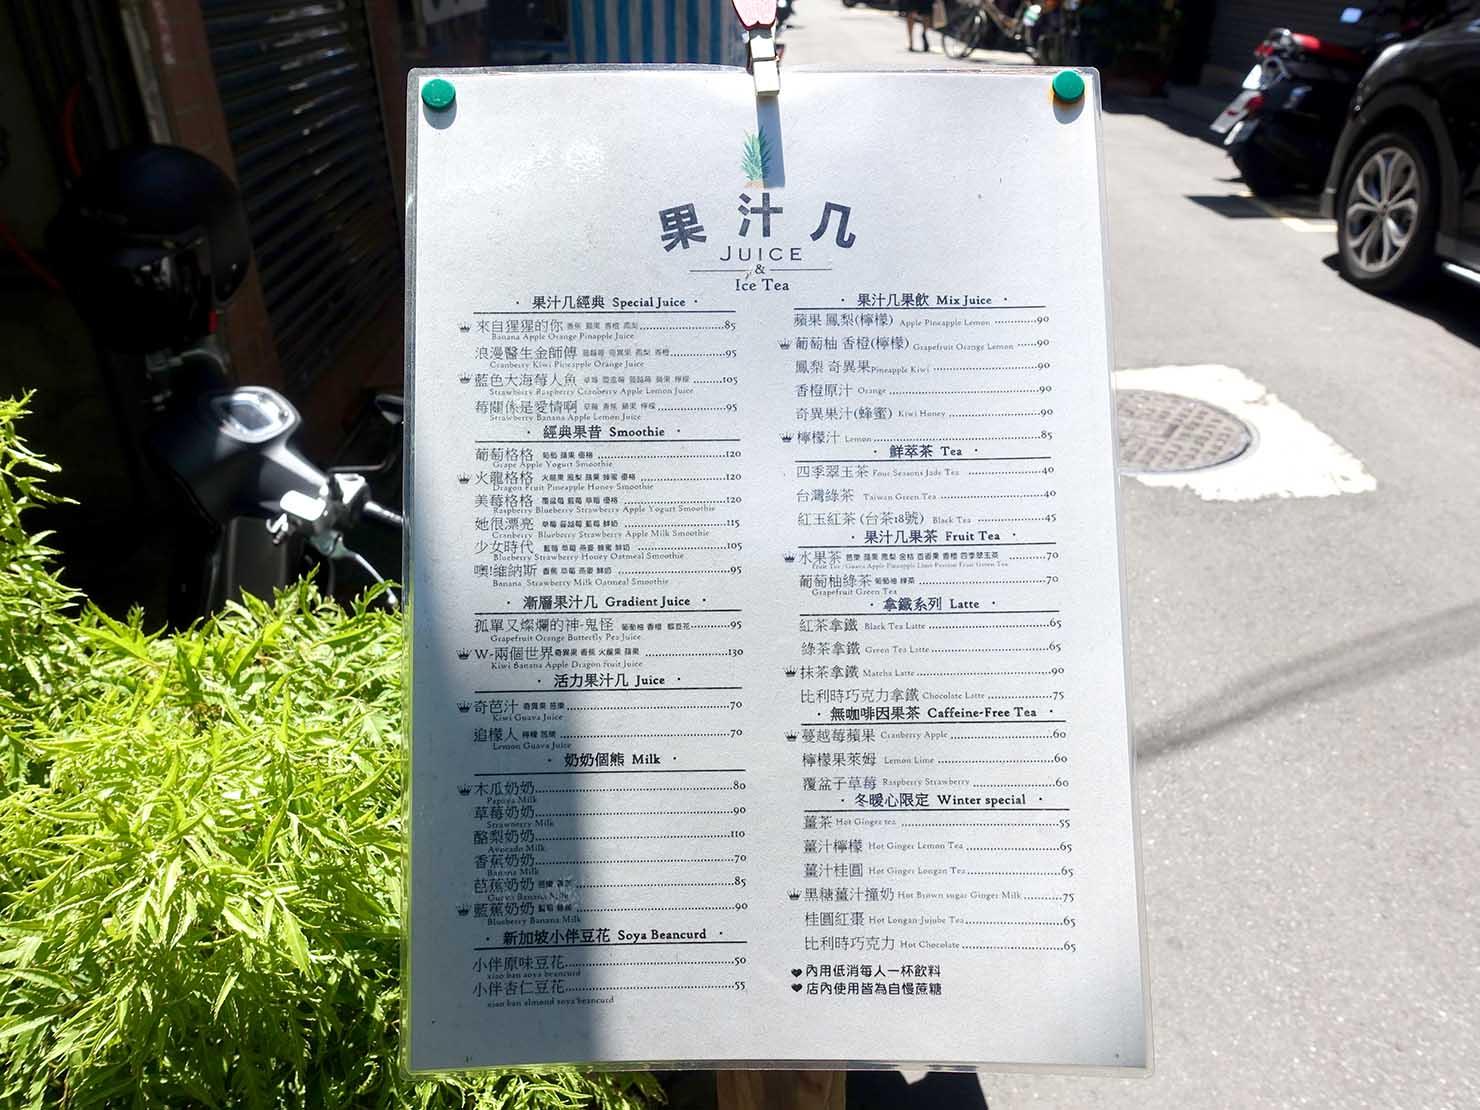 台北・行天宮のおすすめグルメ店「果汁几」のメニュー